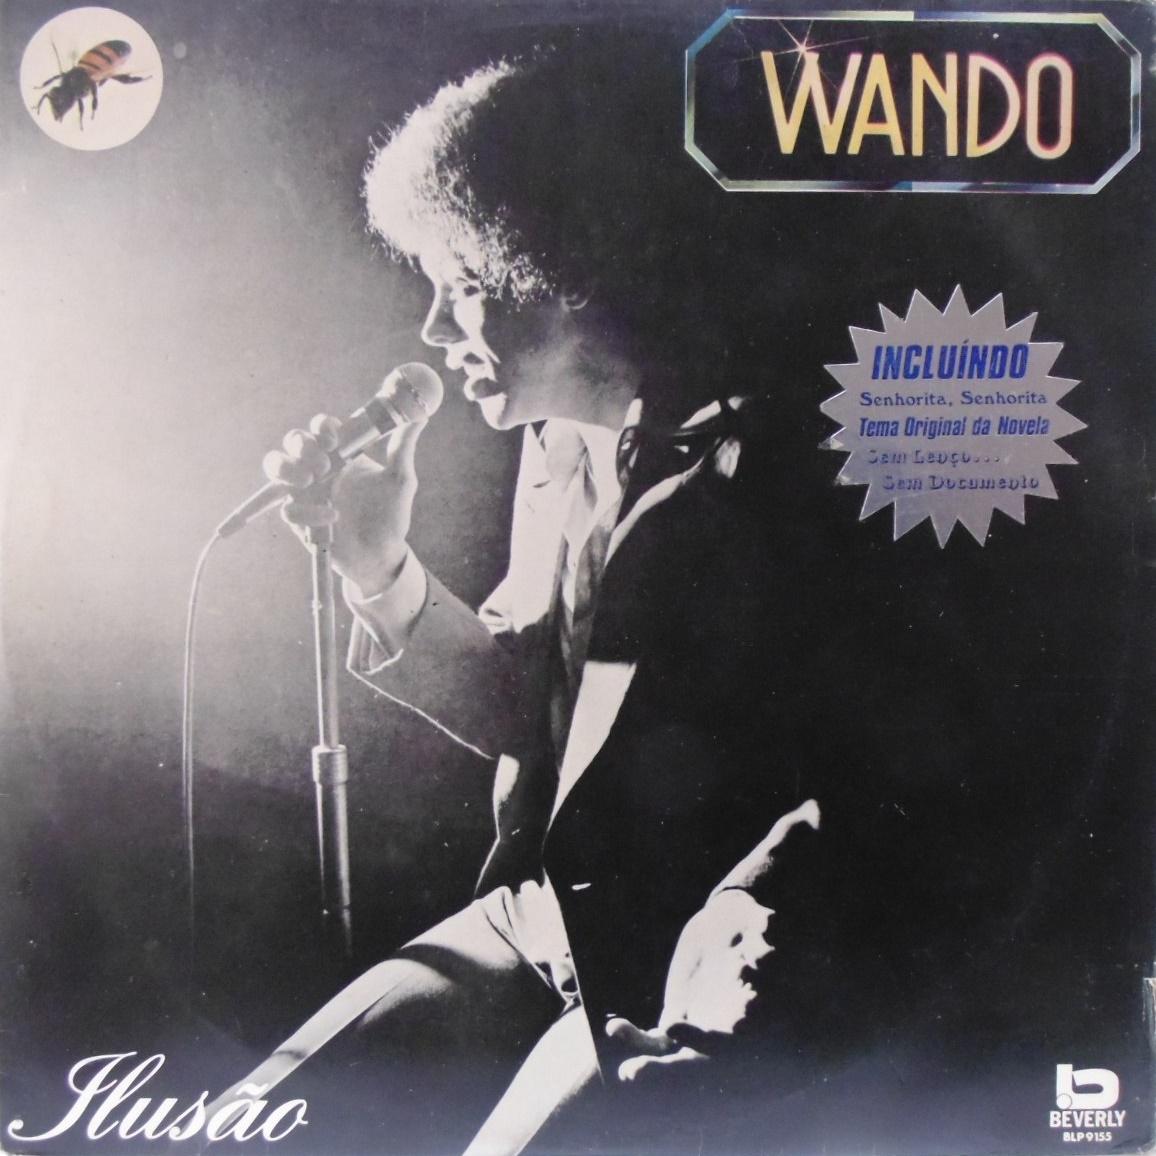 VIVO CD DE WANDO BAIXAR AO